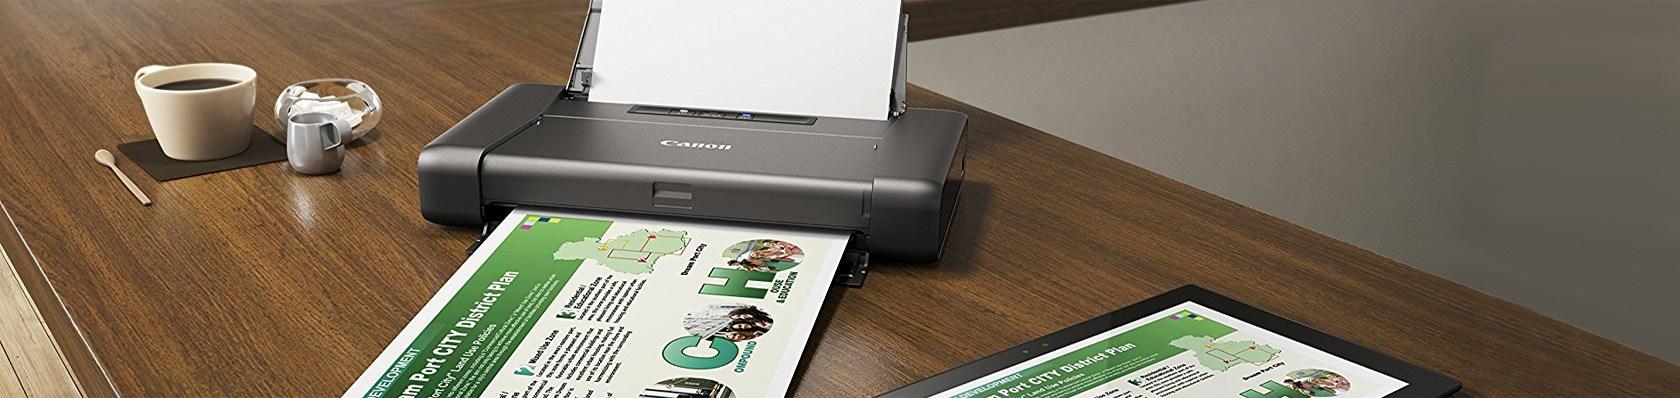 AirPrint Drucker im Test auf ExpertenTesten.de